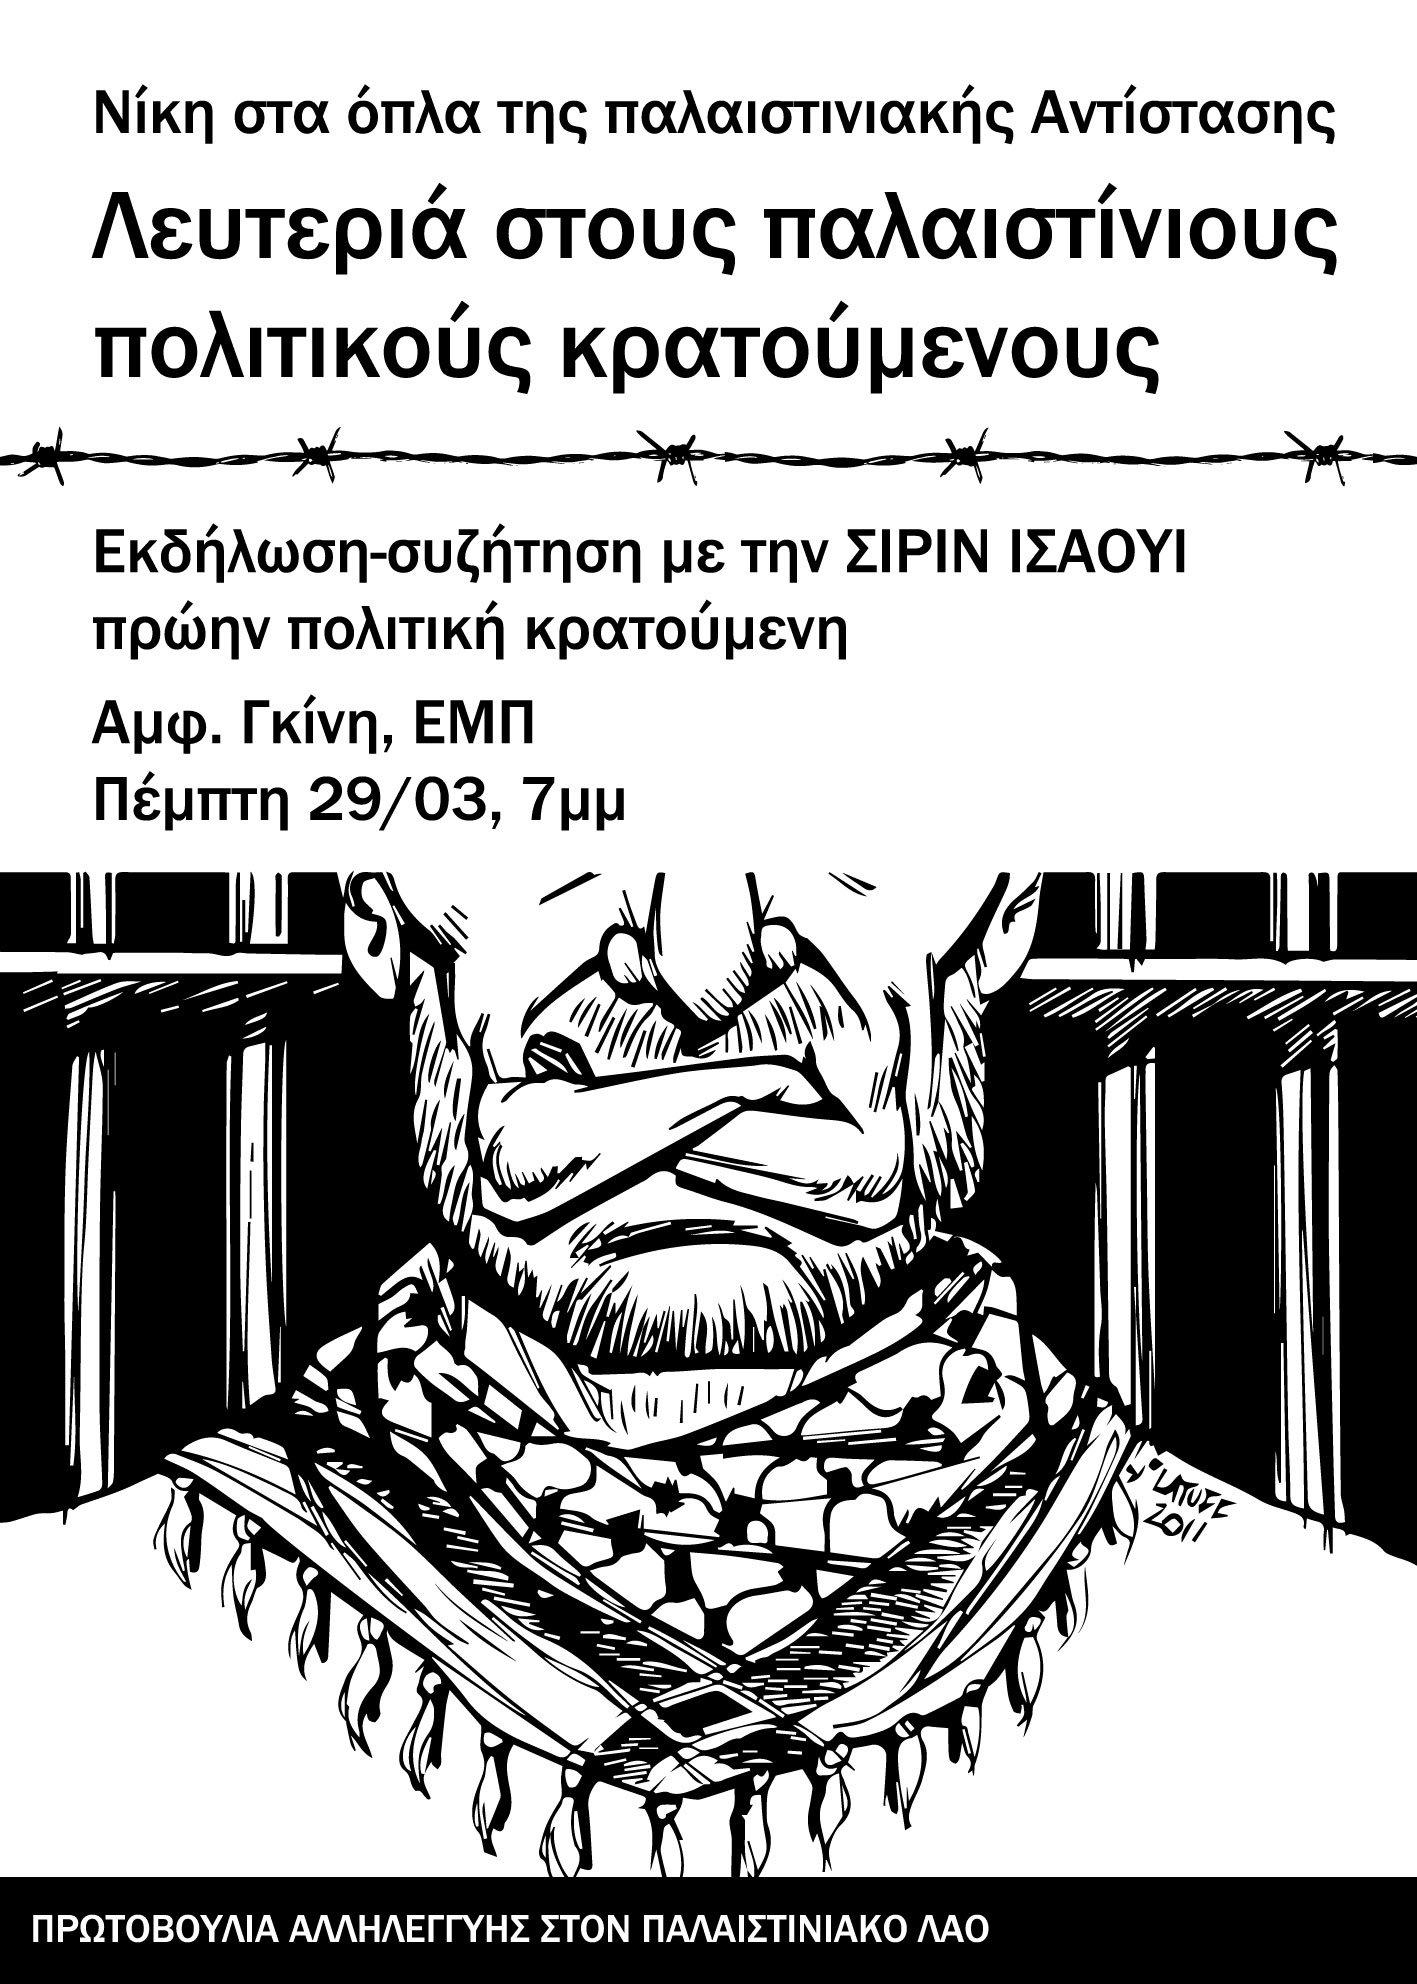 Εκδήλωση-Συζήτηση με την Παλαιστίνια ΣΙΡΙΝ ΙΣΑΟΥΙ, πρώην πολιτική κρατούμενη